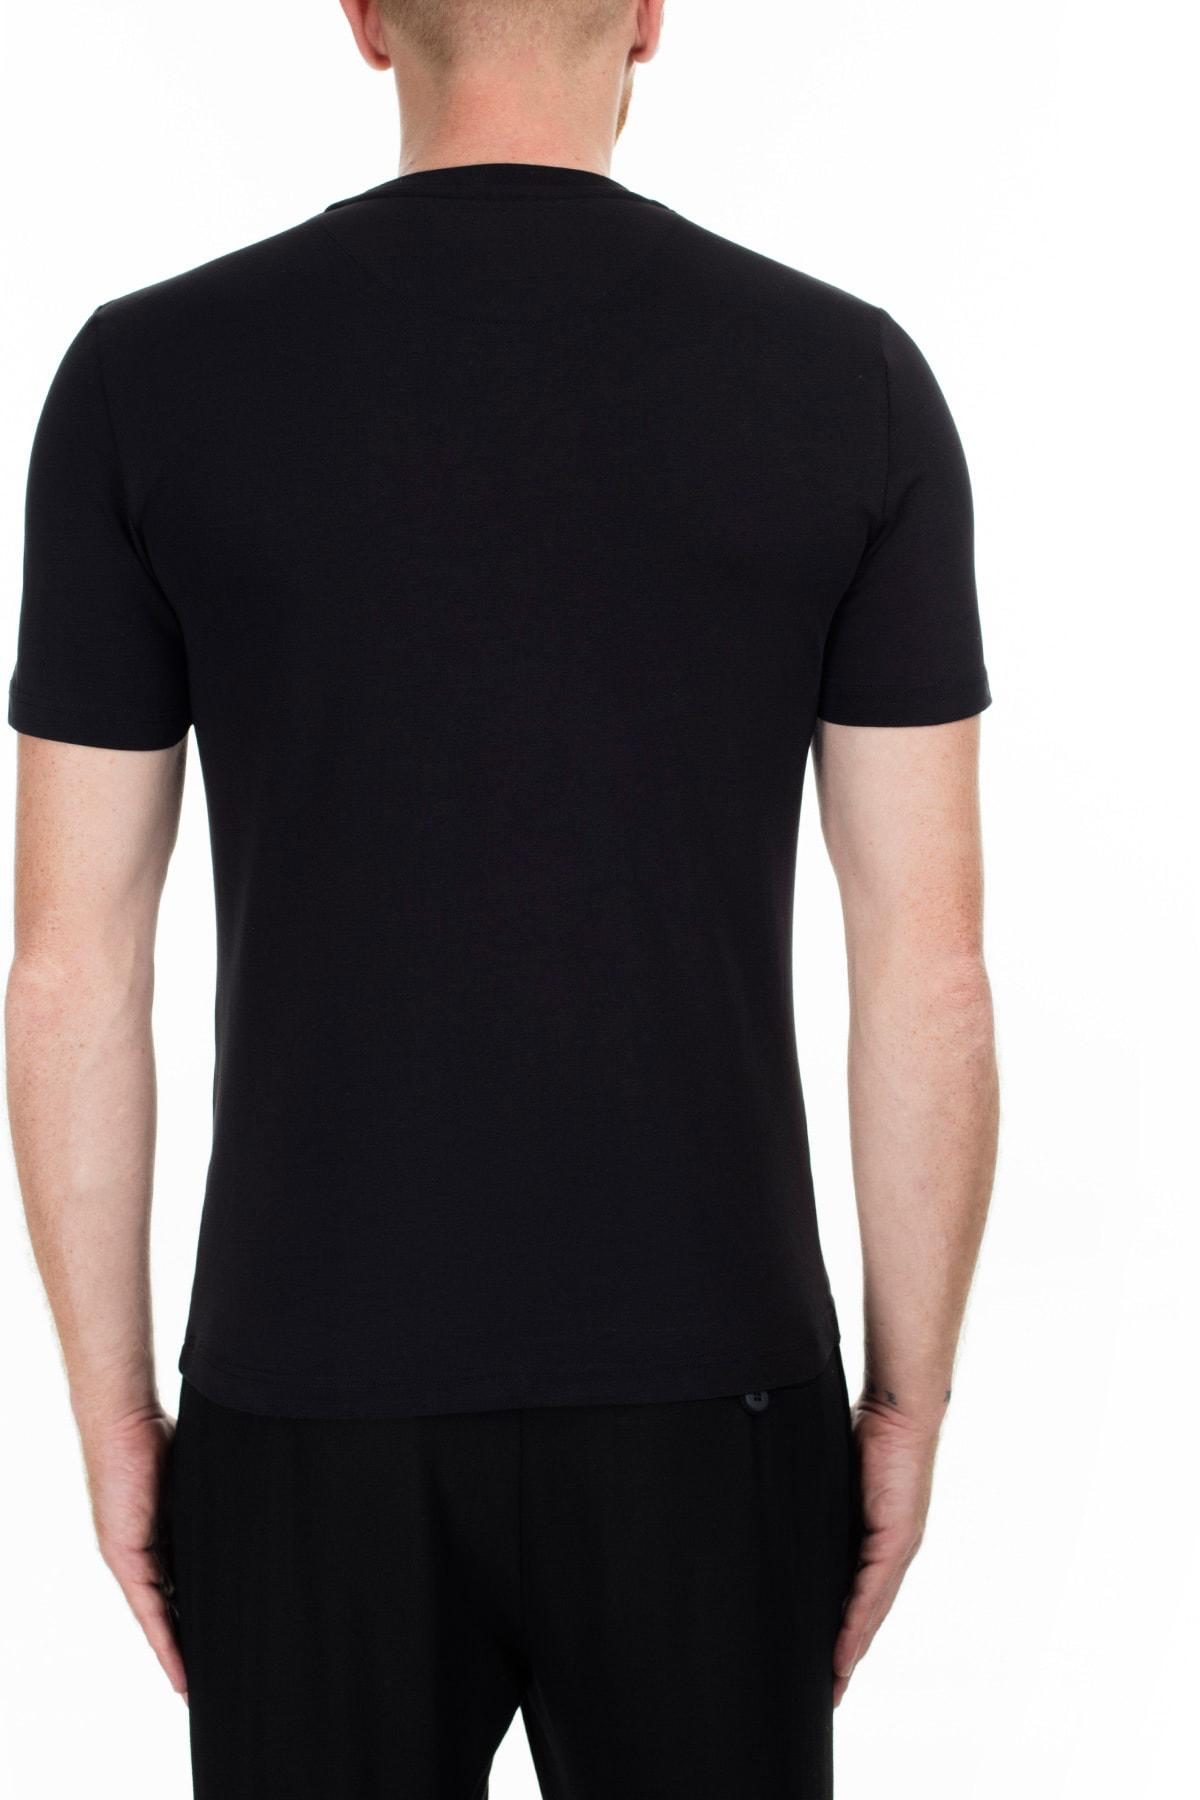 Love Moschino Erkek Siyah T-Shirt S M47312Ie1811 C74 2